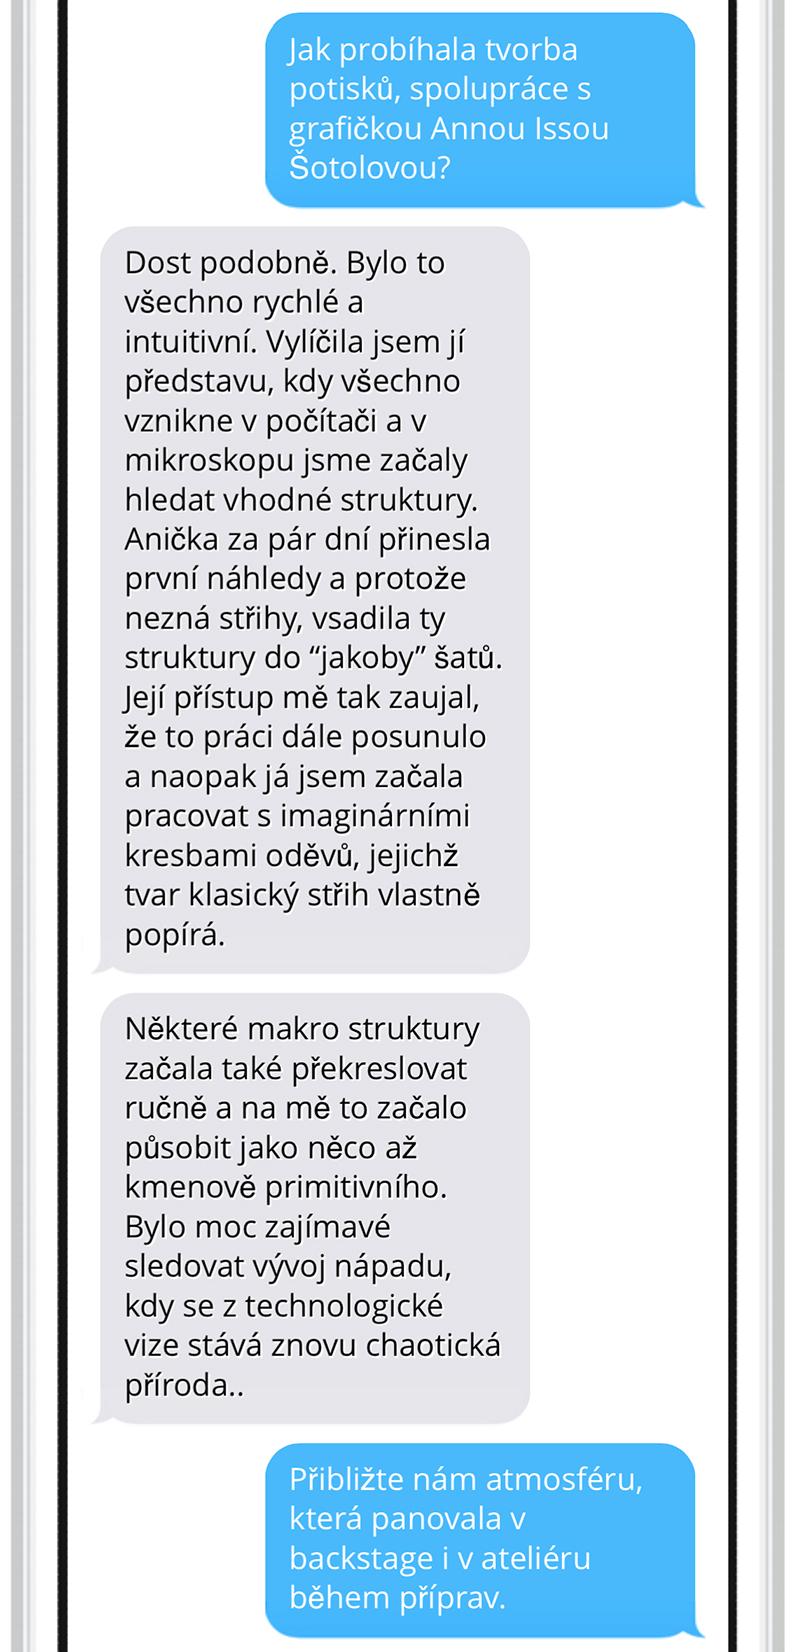 iRozhovor5